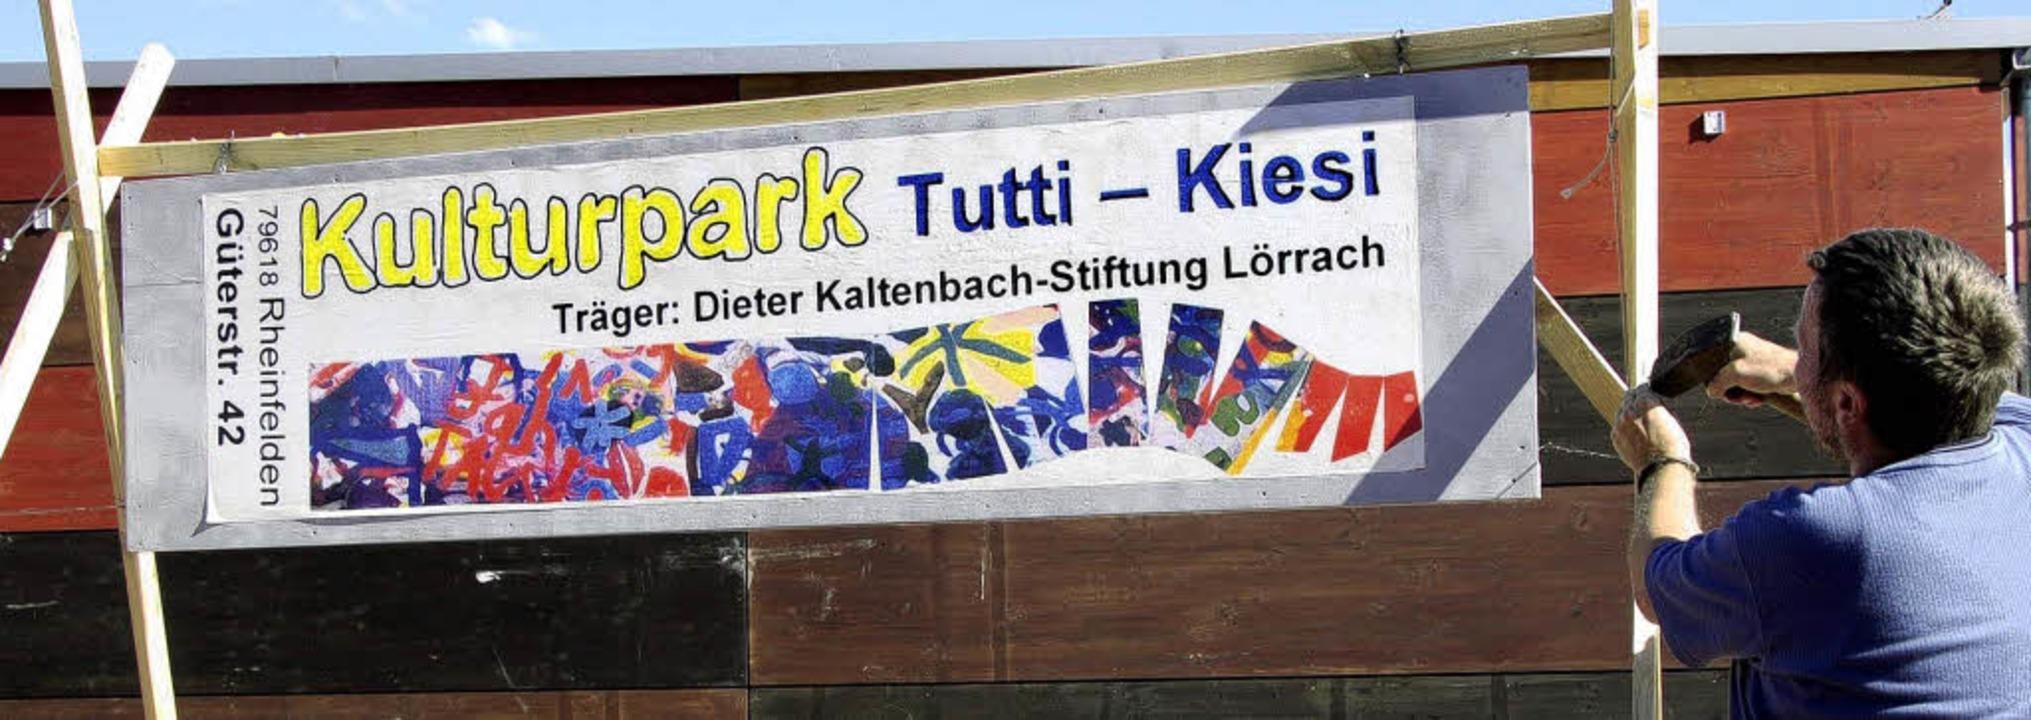 Die Kaltenbachstiftung bereitet das Te...au im Tutti-Kiesi-Gelände vor.            Foto: Ingrid Böhm-Jacob